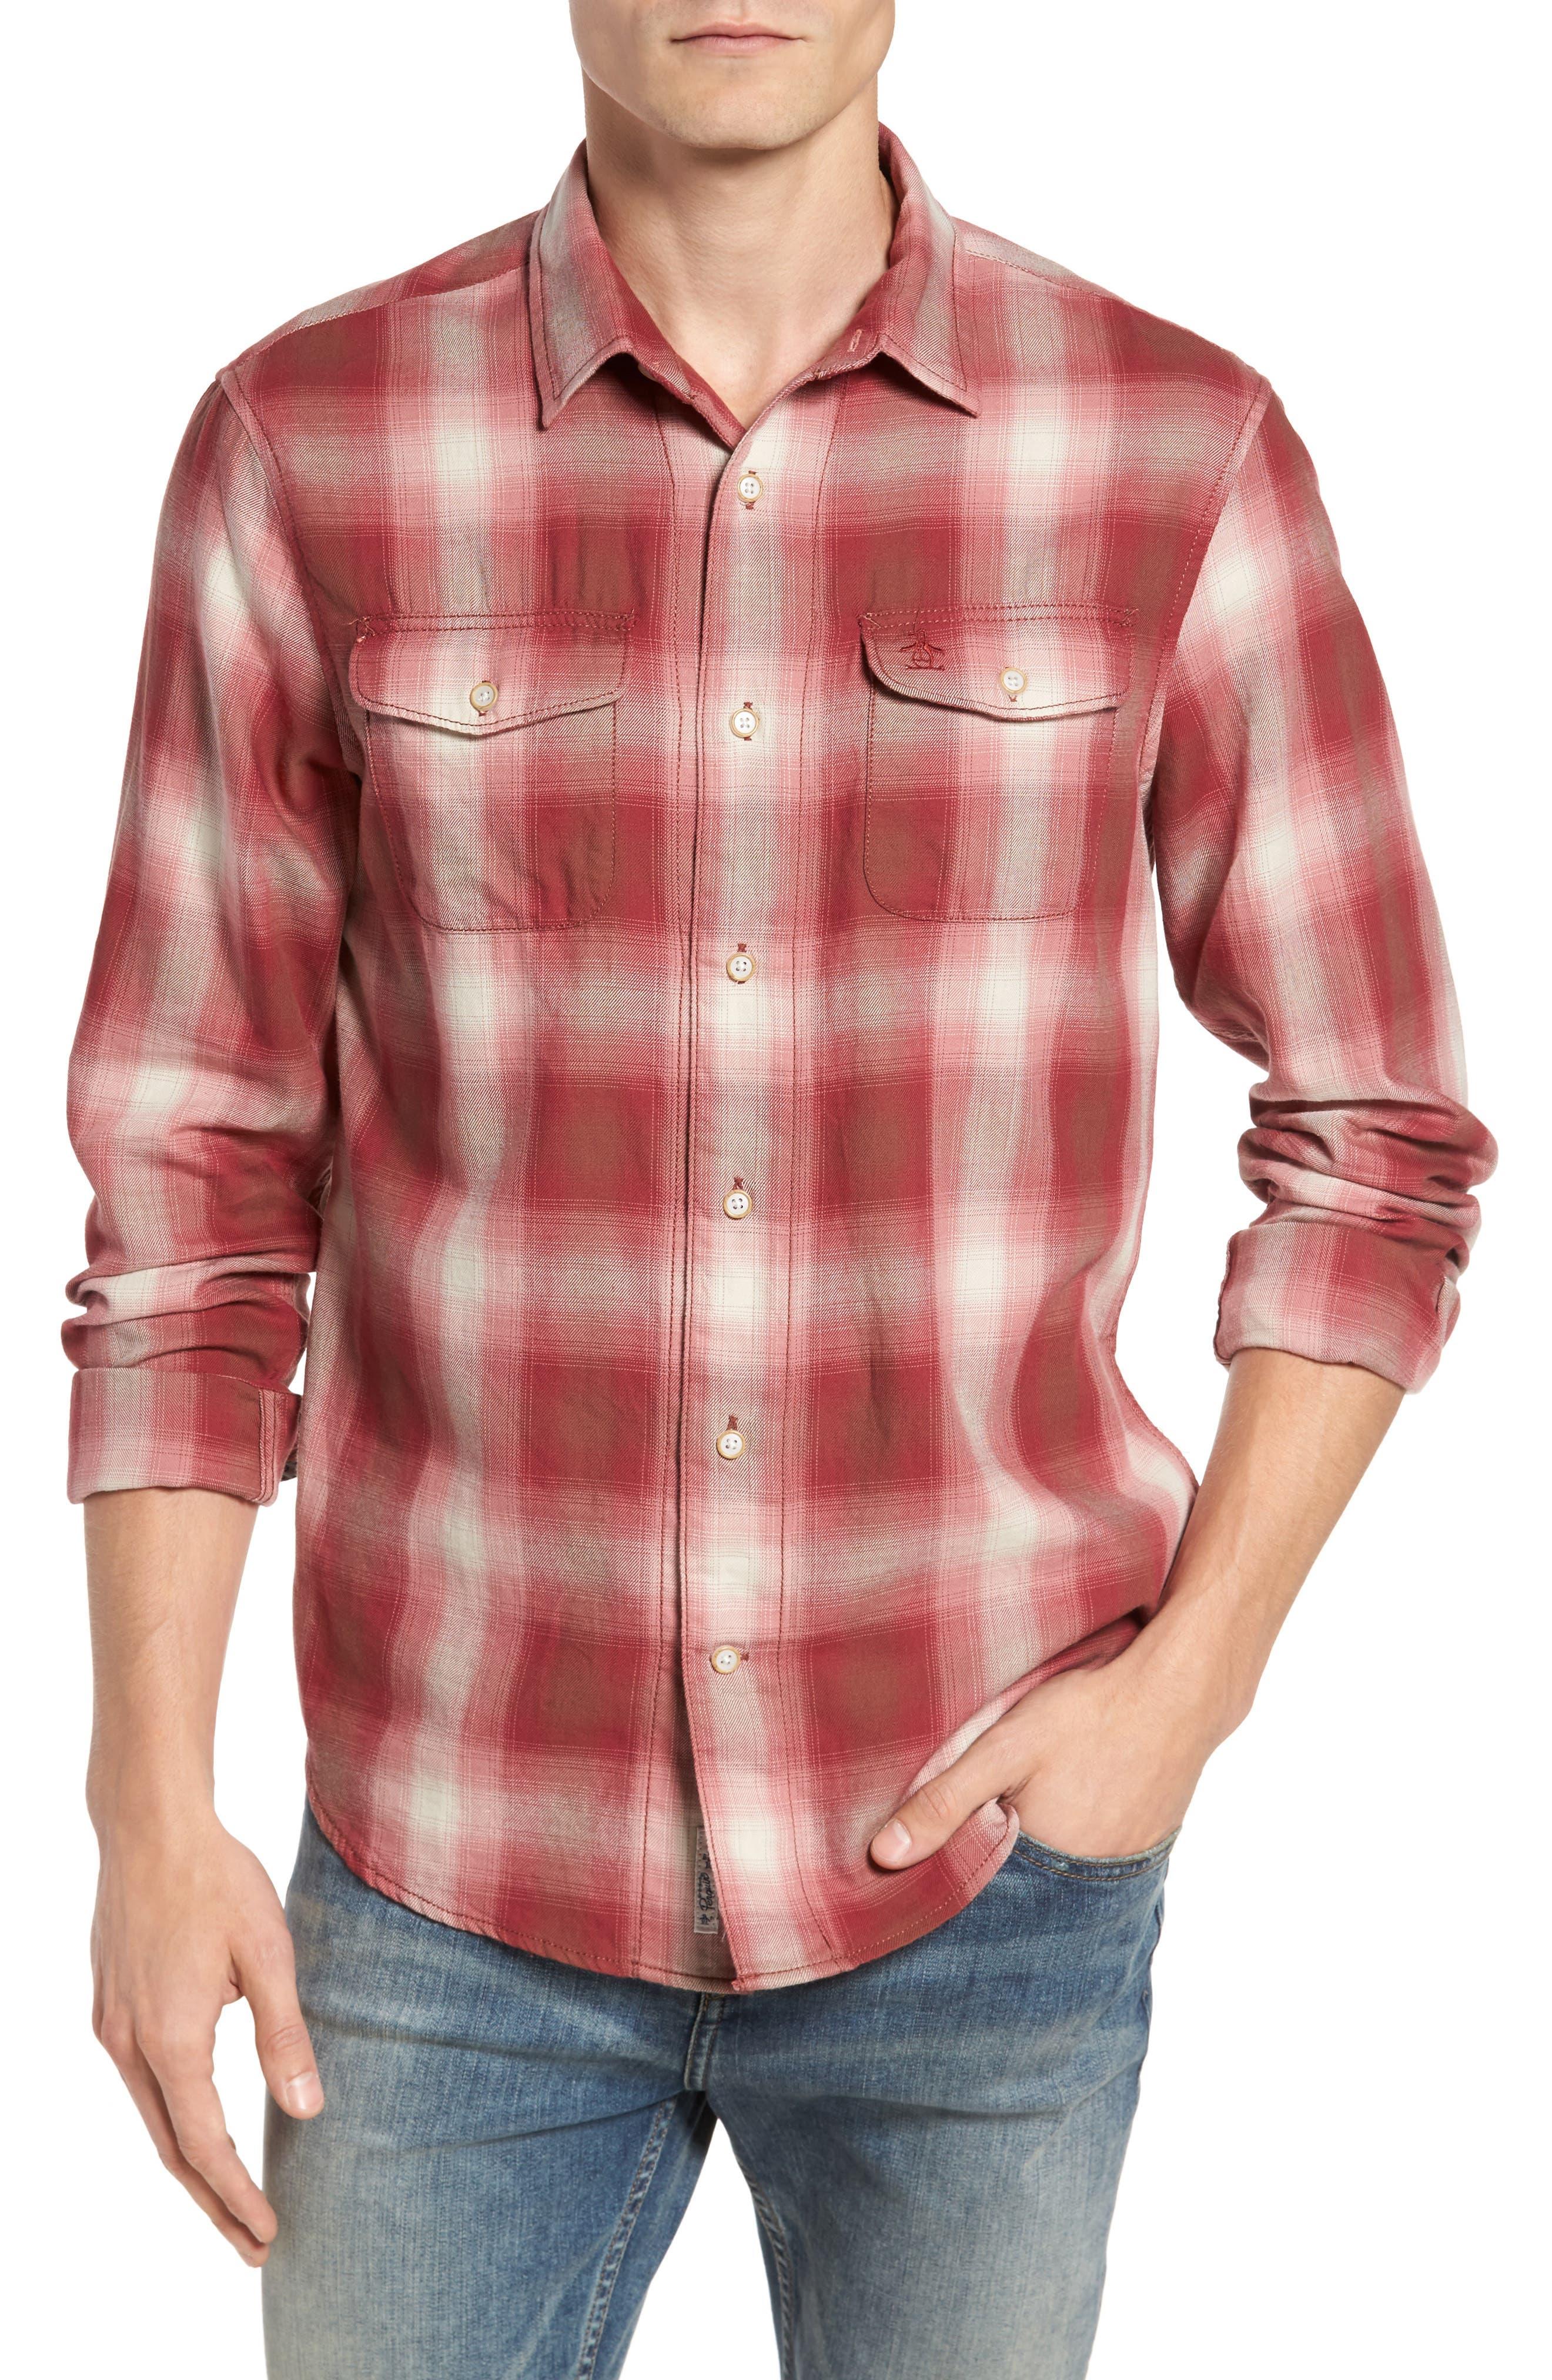 90s Plaid Flannel Shirt,                         Main,                         color, 643